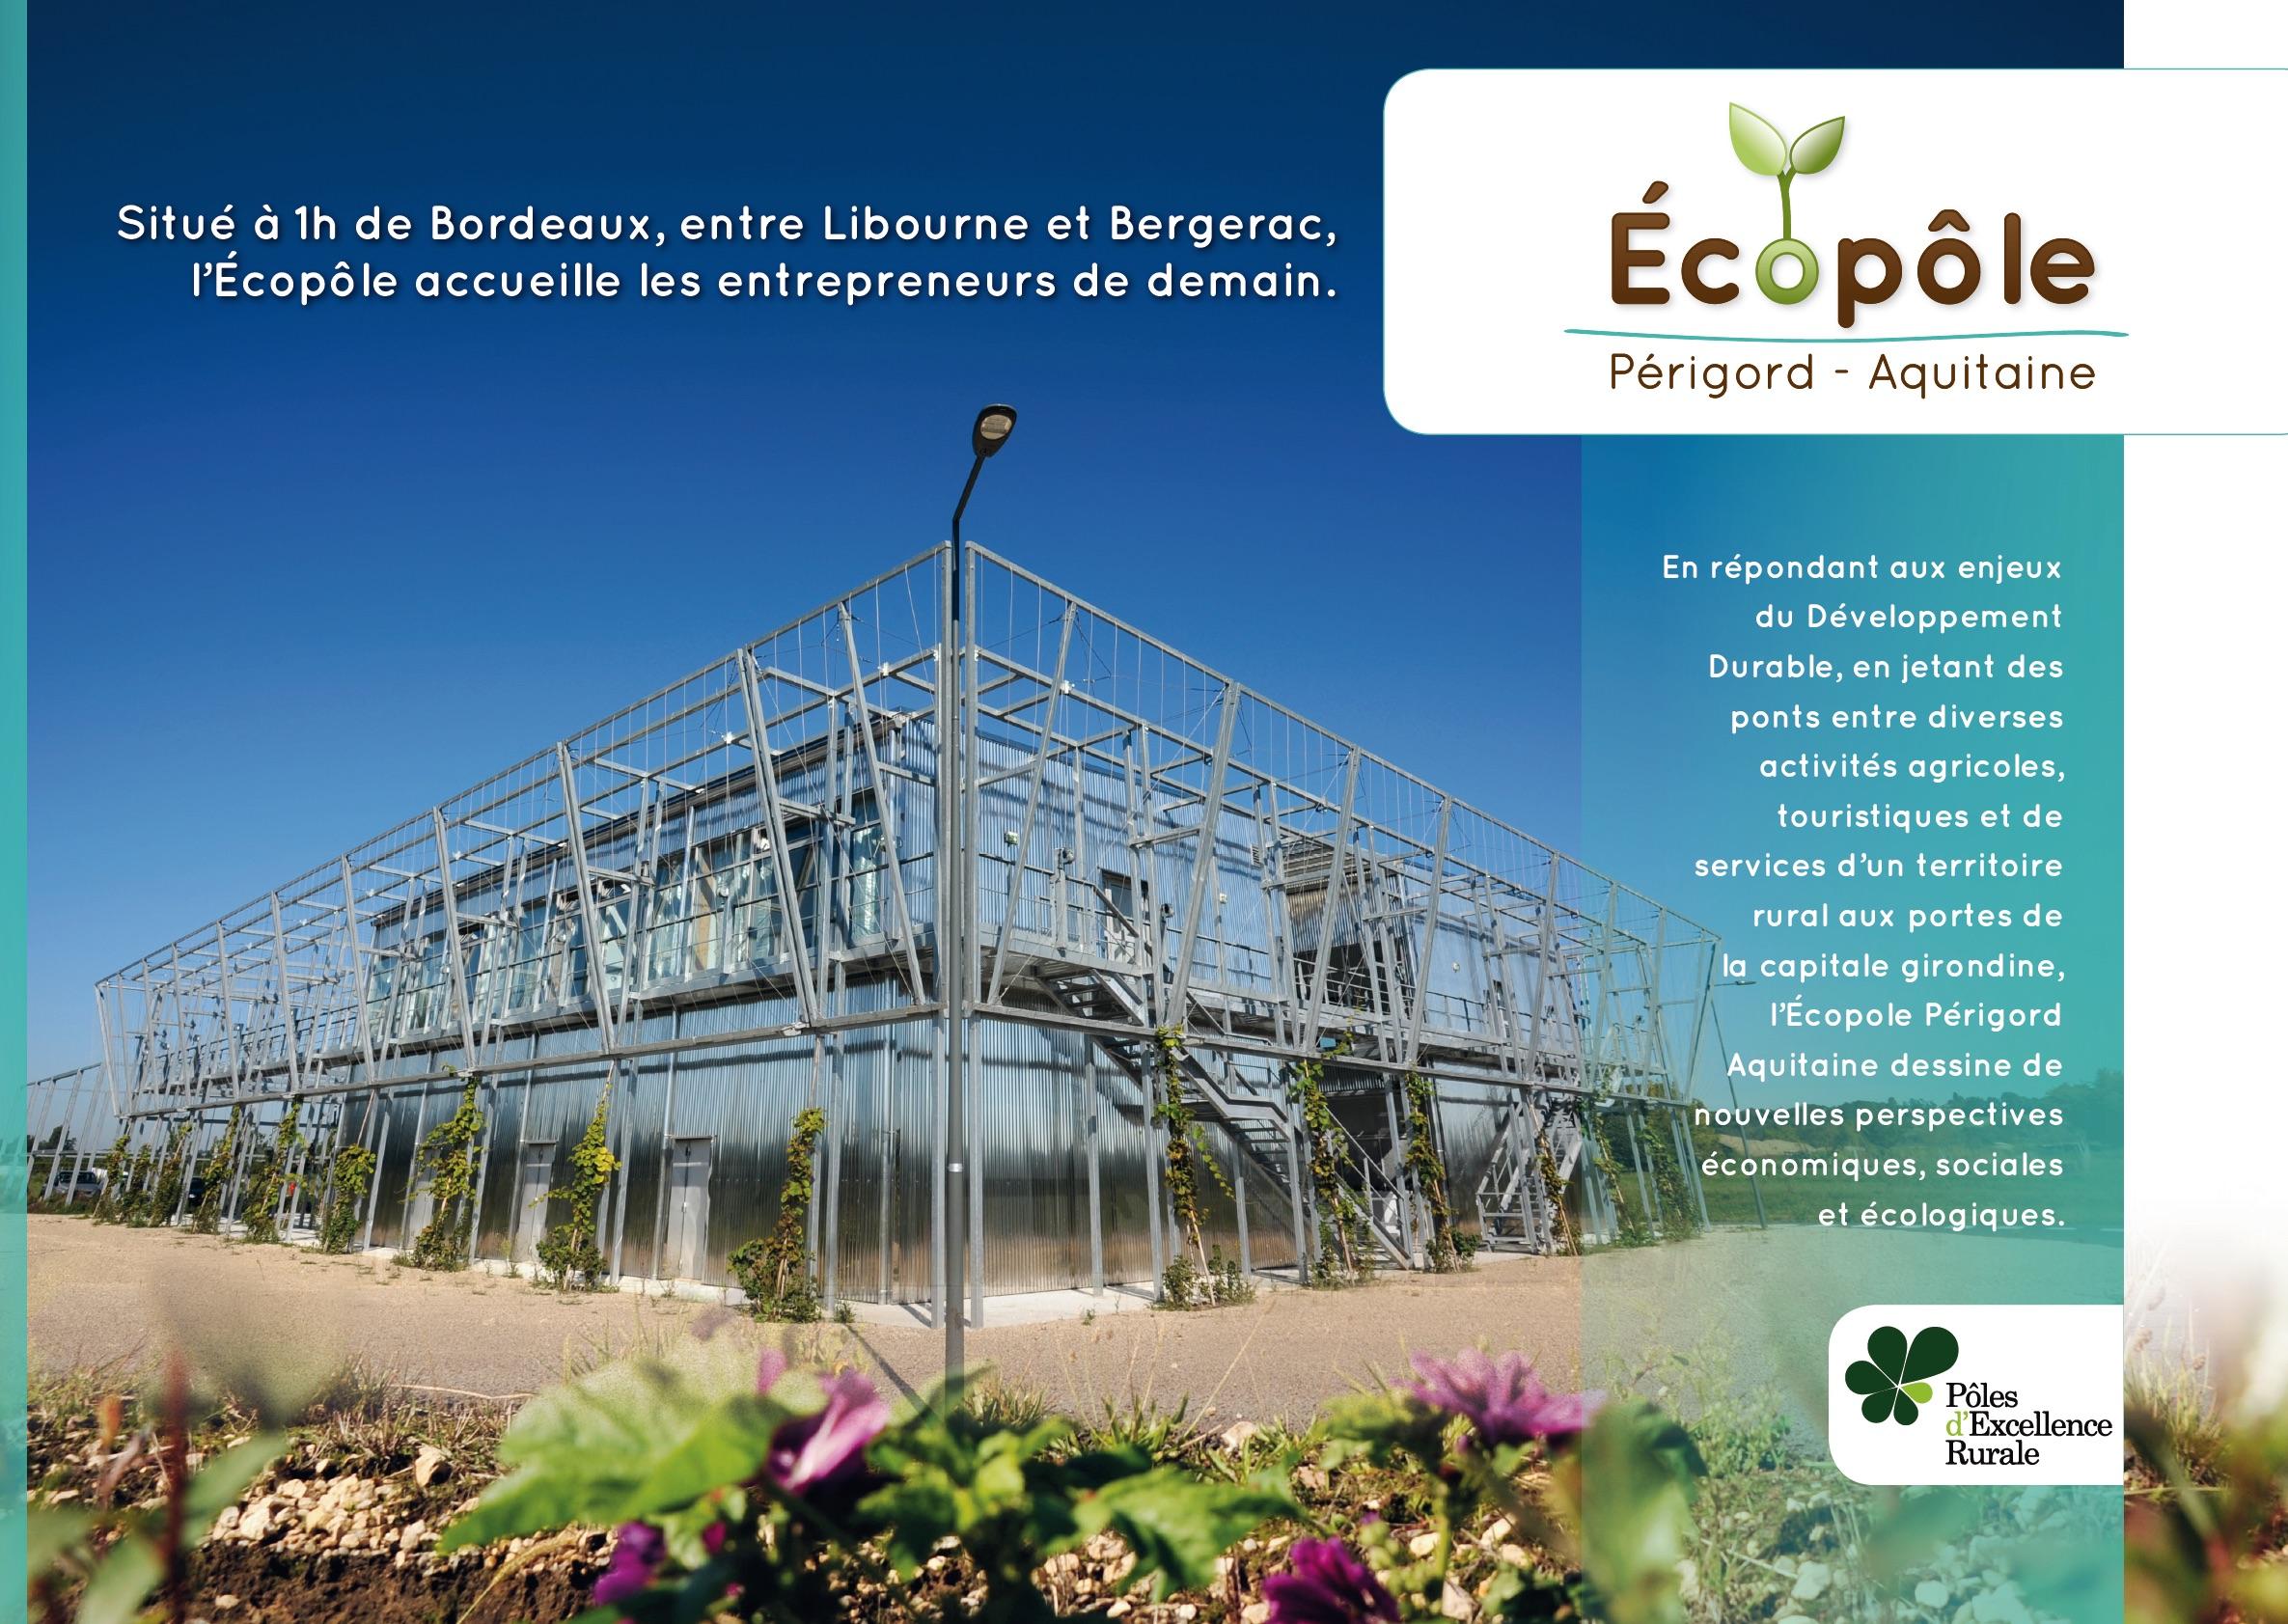 image représentant la couverture de la plaquette Ecopôle Périgord Aquitaine